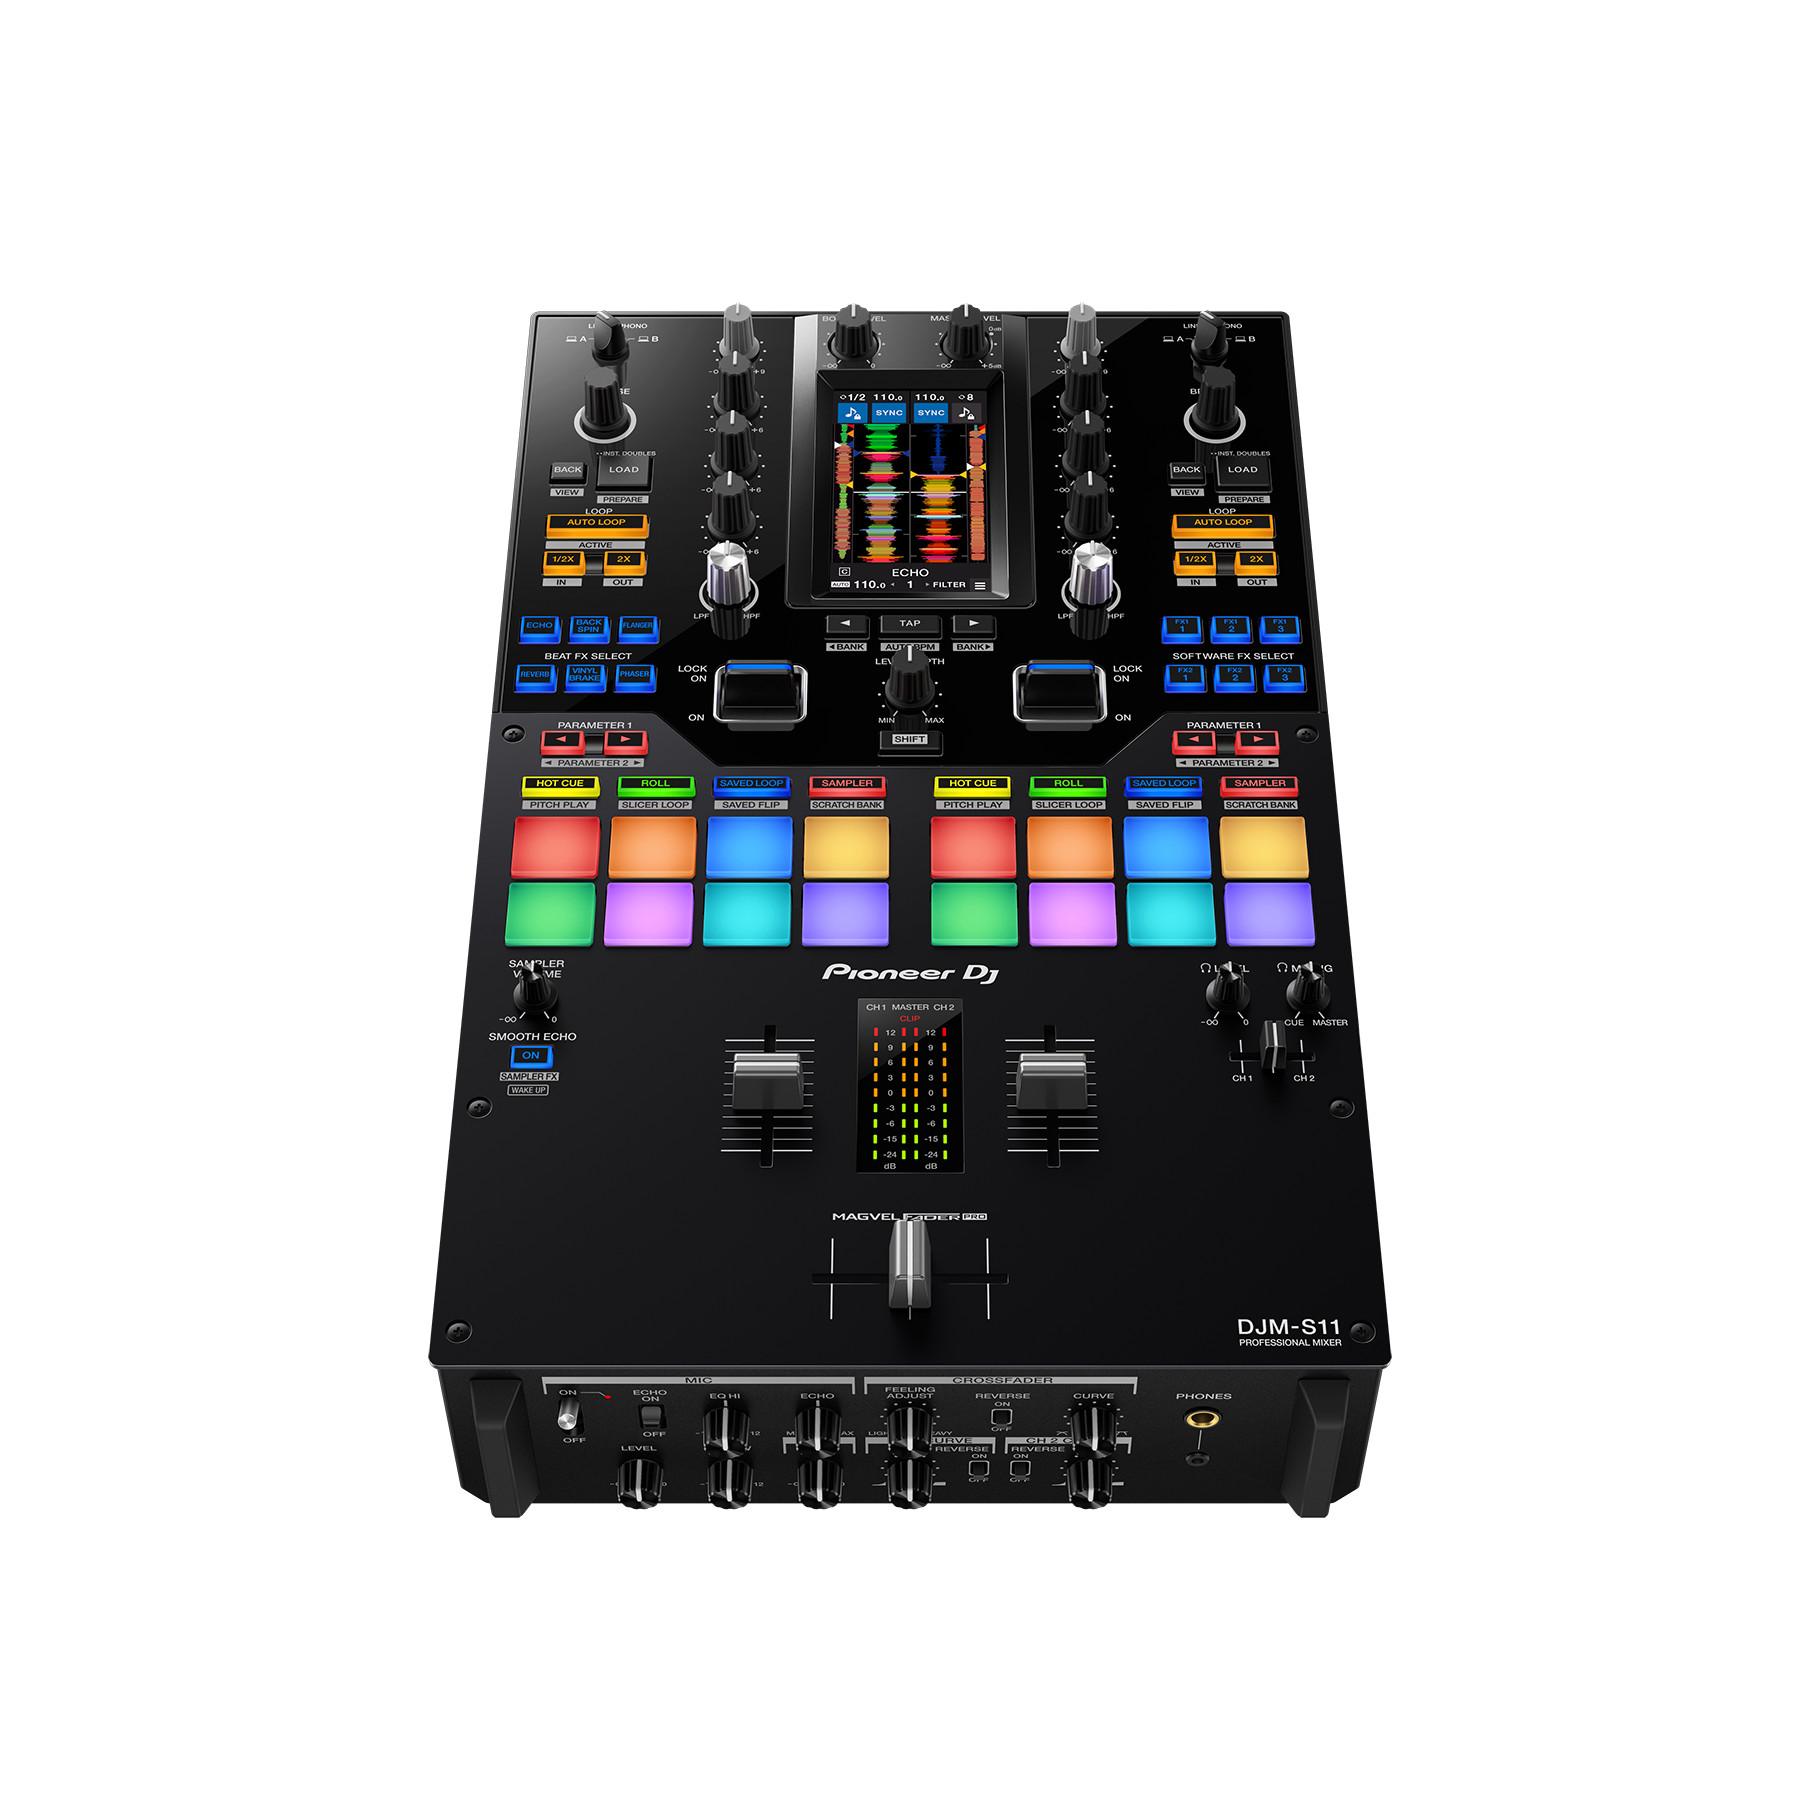 Mixer 2 kênh scratch Pioneer Dj DJM S11 - Hàng chính hãng